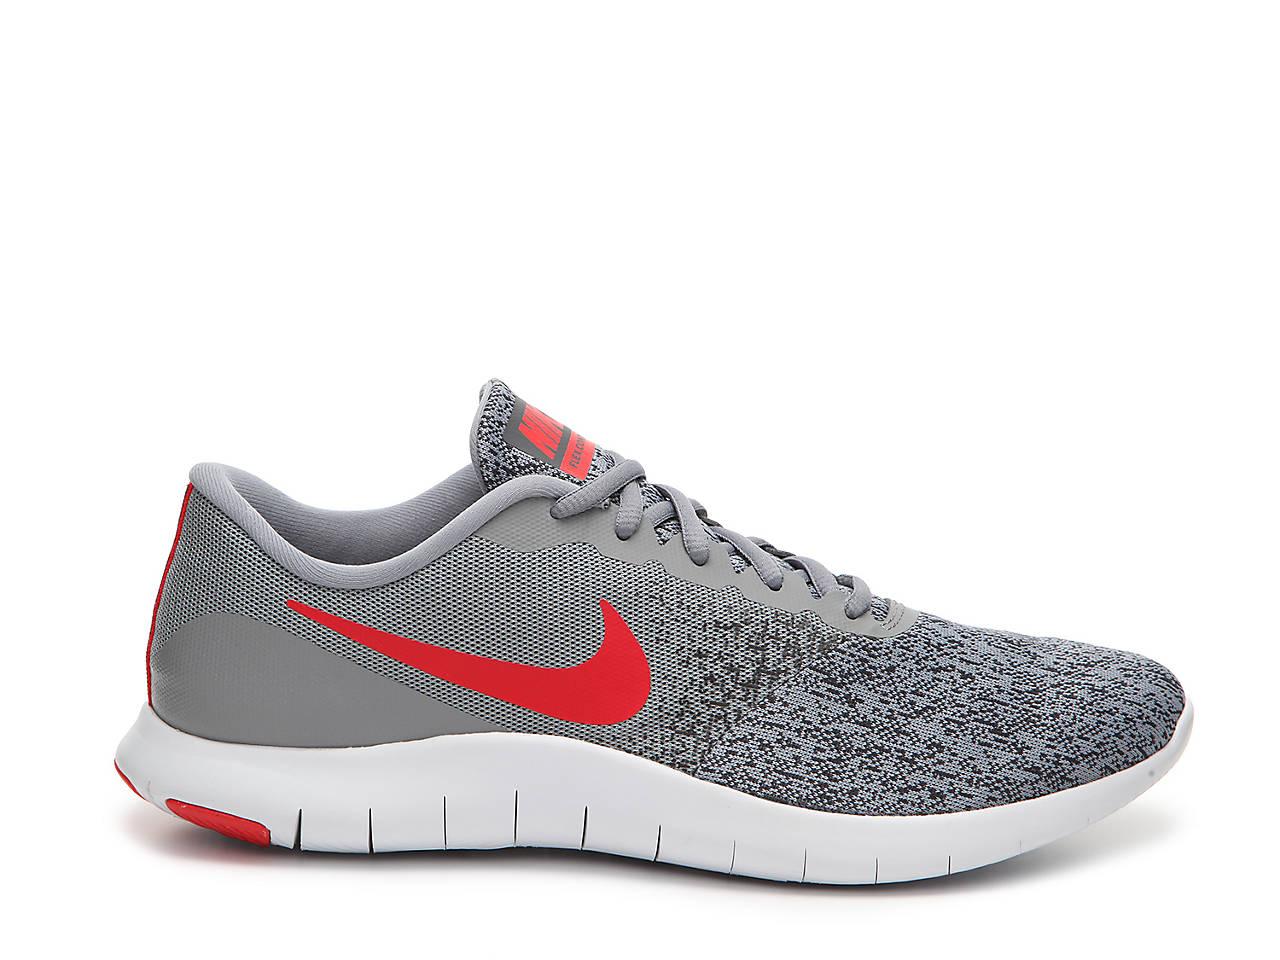 bb8a1f732a1e Nike Flex Contact Lightweight Running Shoe - Men s Men s Shoes